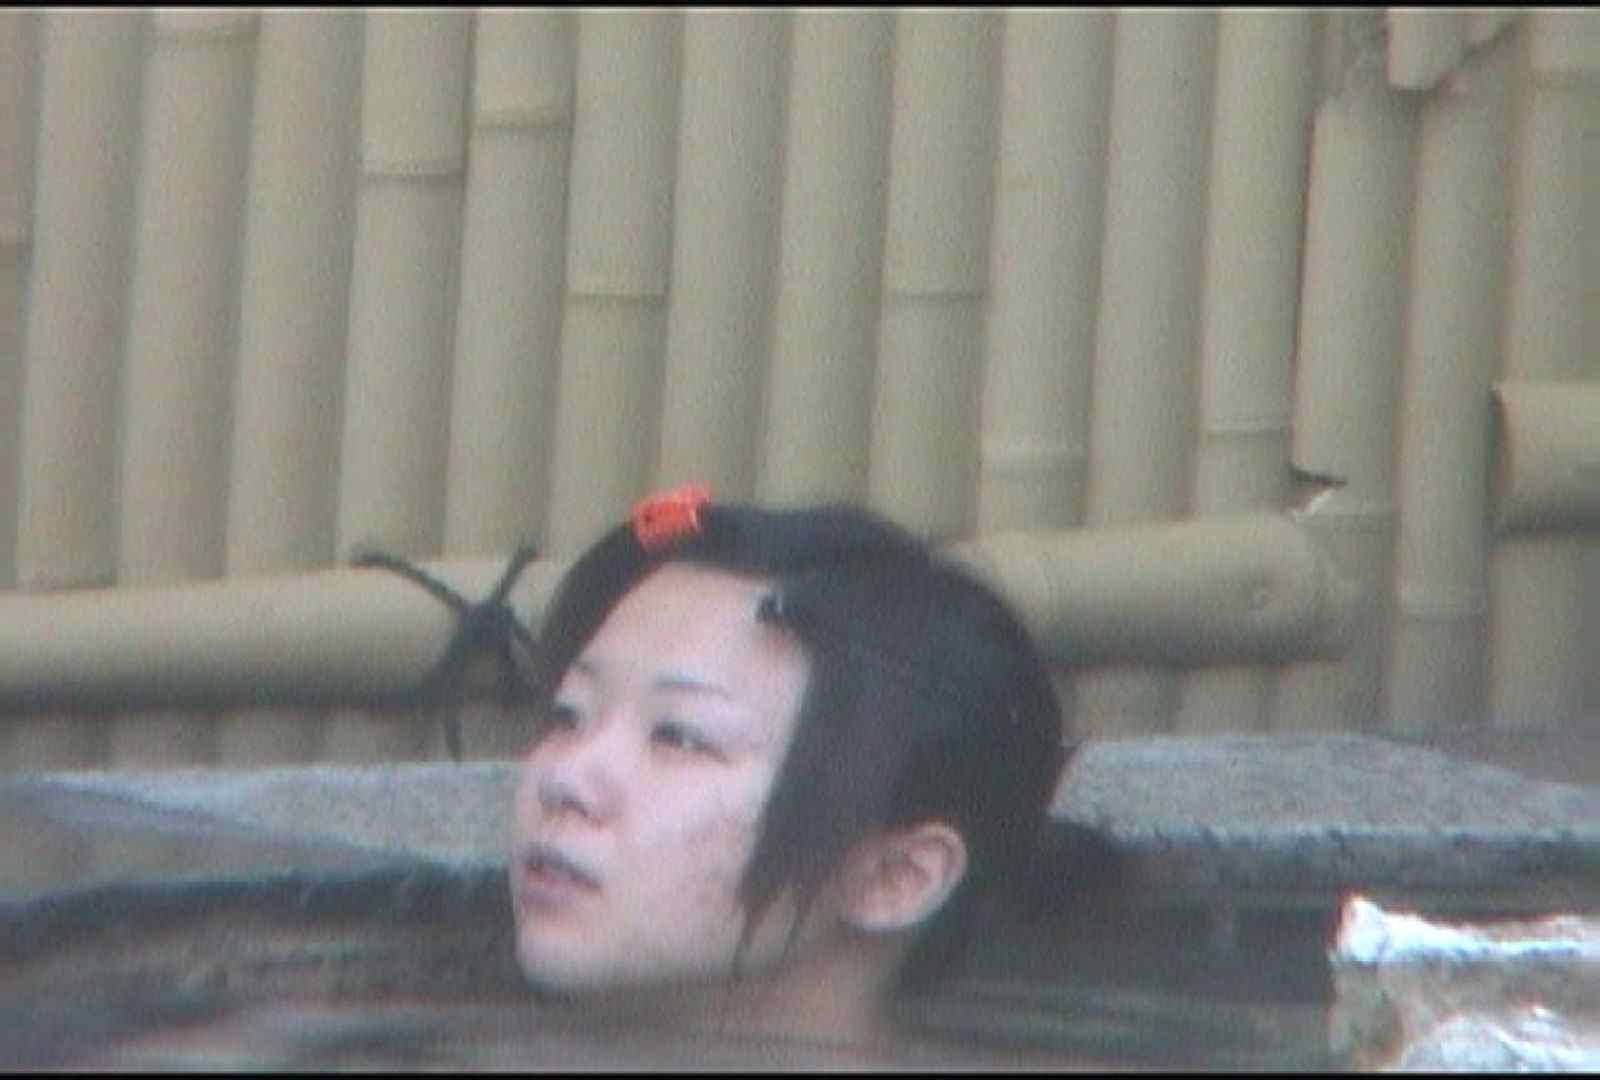 Aquaな露天風呂Vol.175 OLのエロ生活  71連発 45